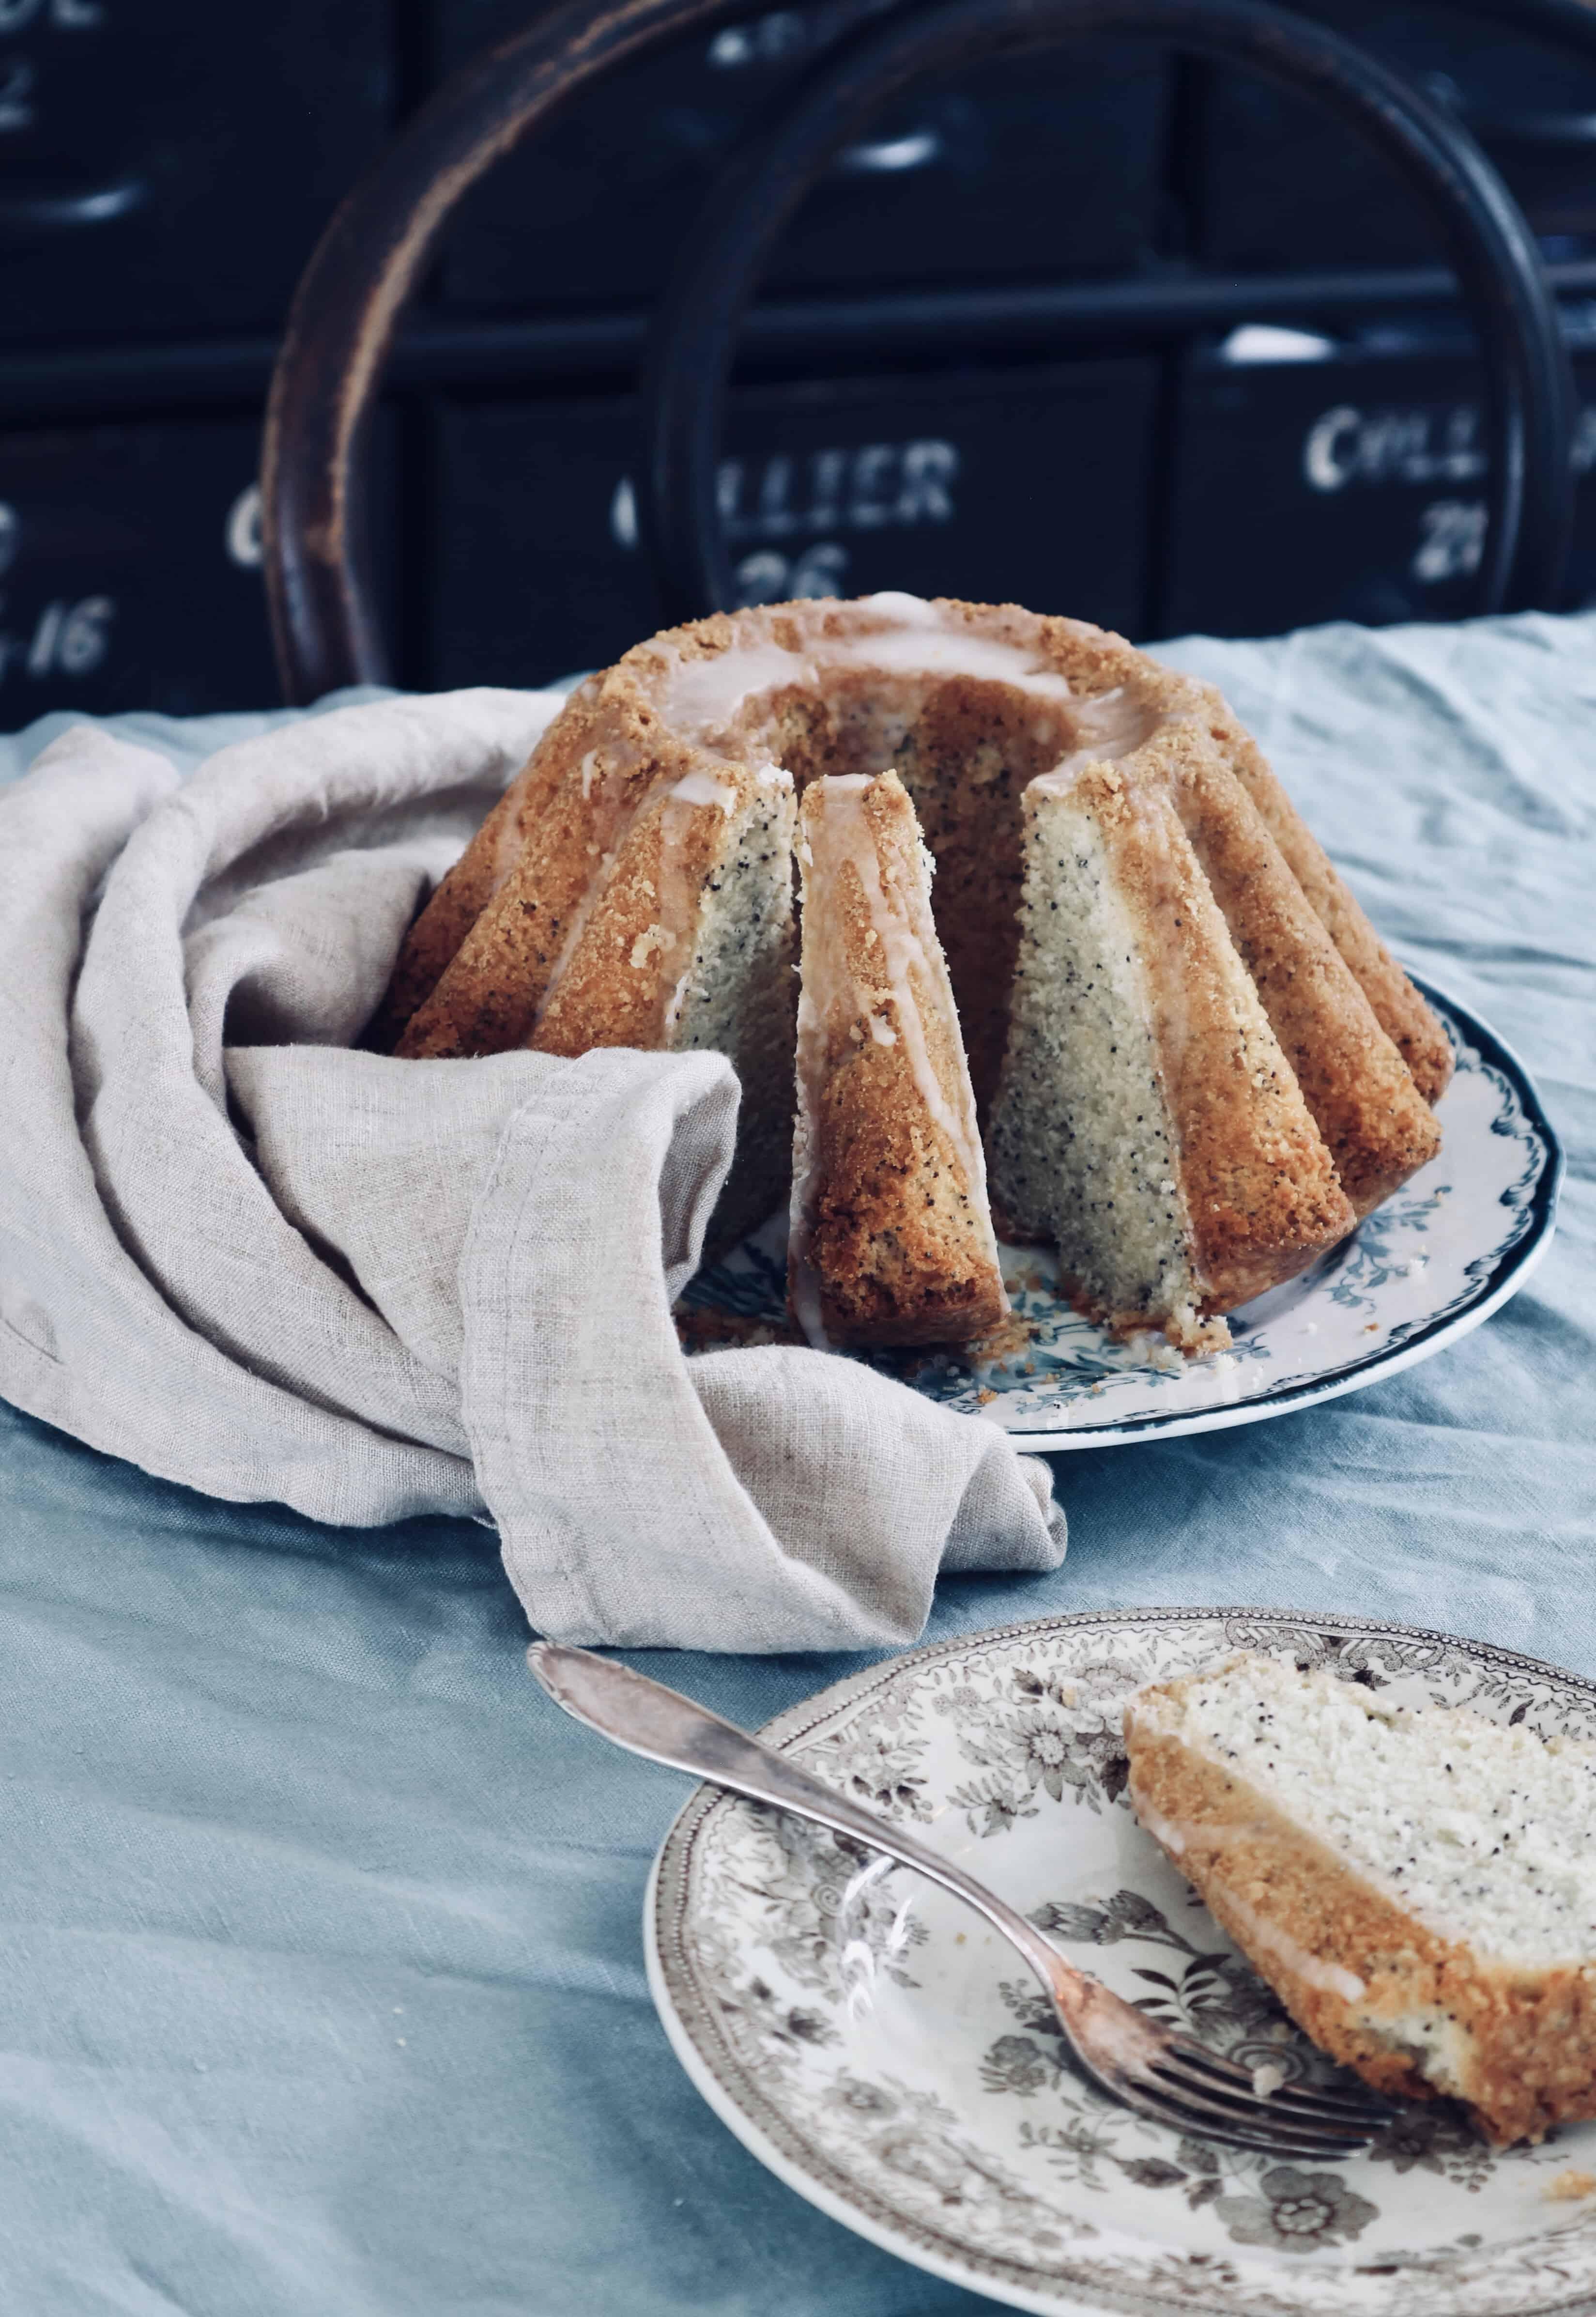 Recept: Godaste citronkakan i mannaminne – med blå vallmofrön och citronglasyr